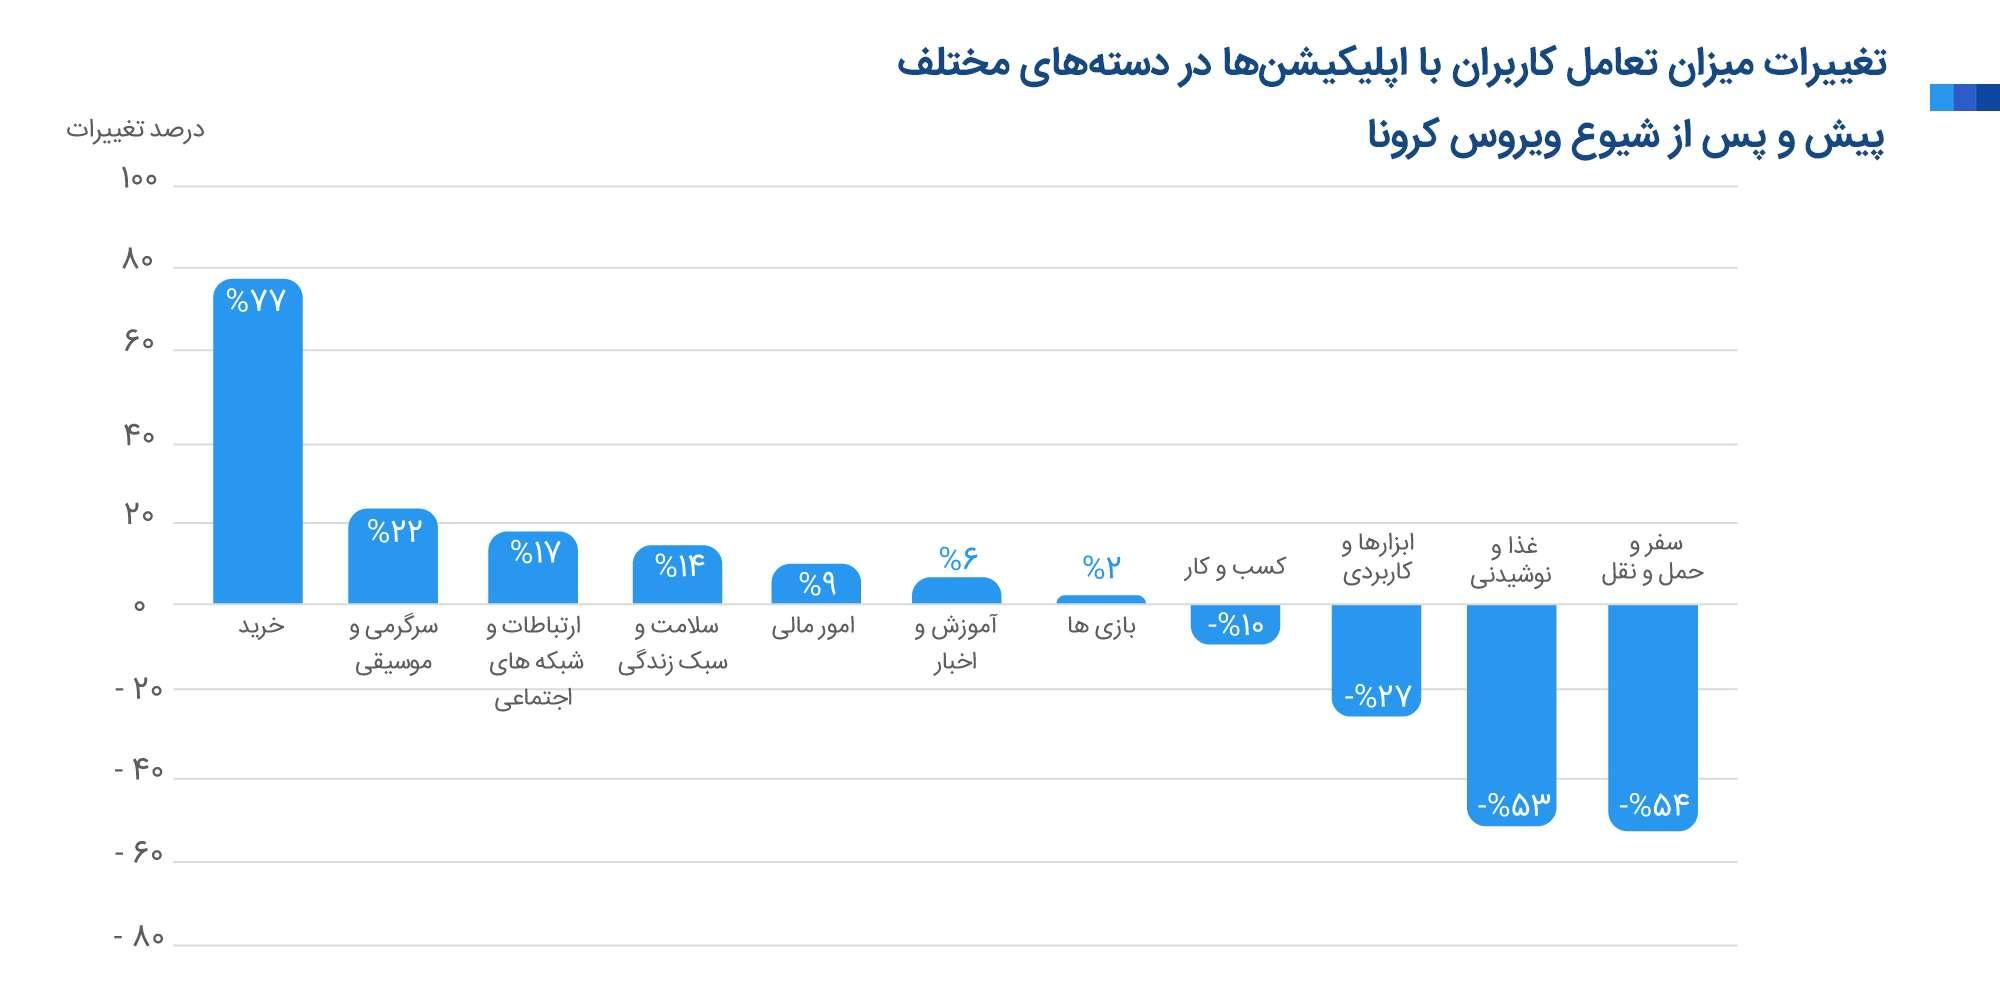 تغییرات میزان تعامل کاربران با اپلیکیشنها در دستههای مختلف پیش و پس از شیوع ویروس کرونا